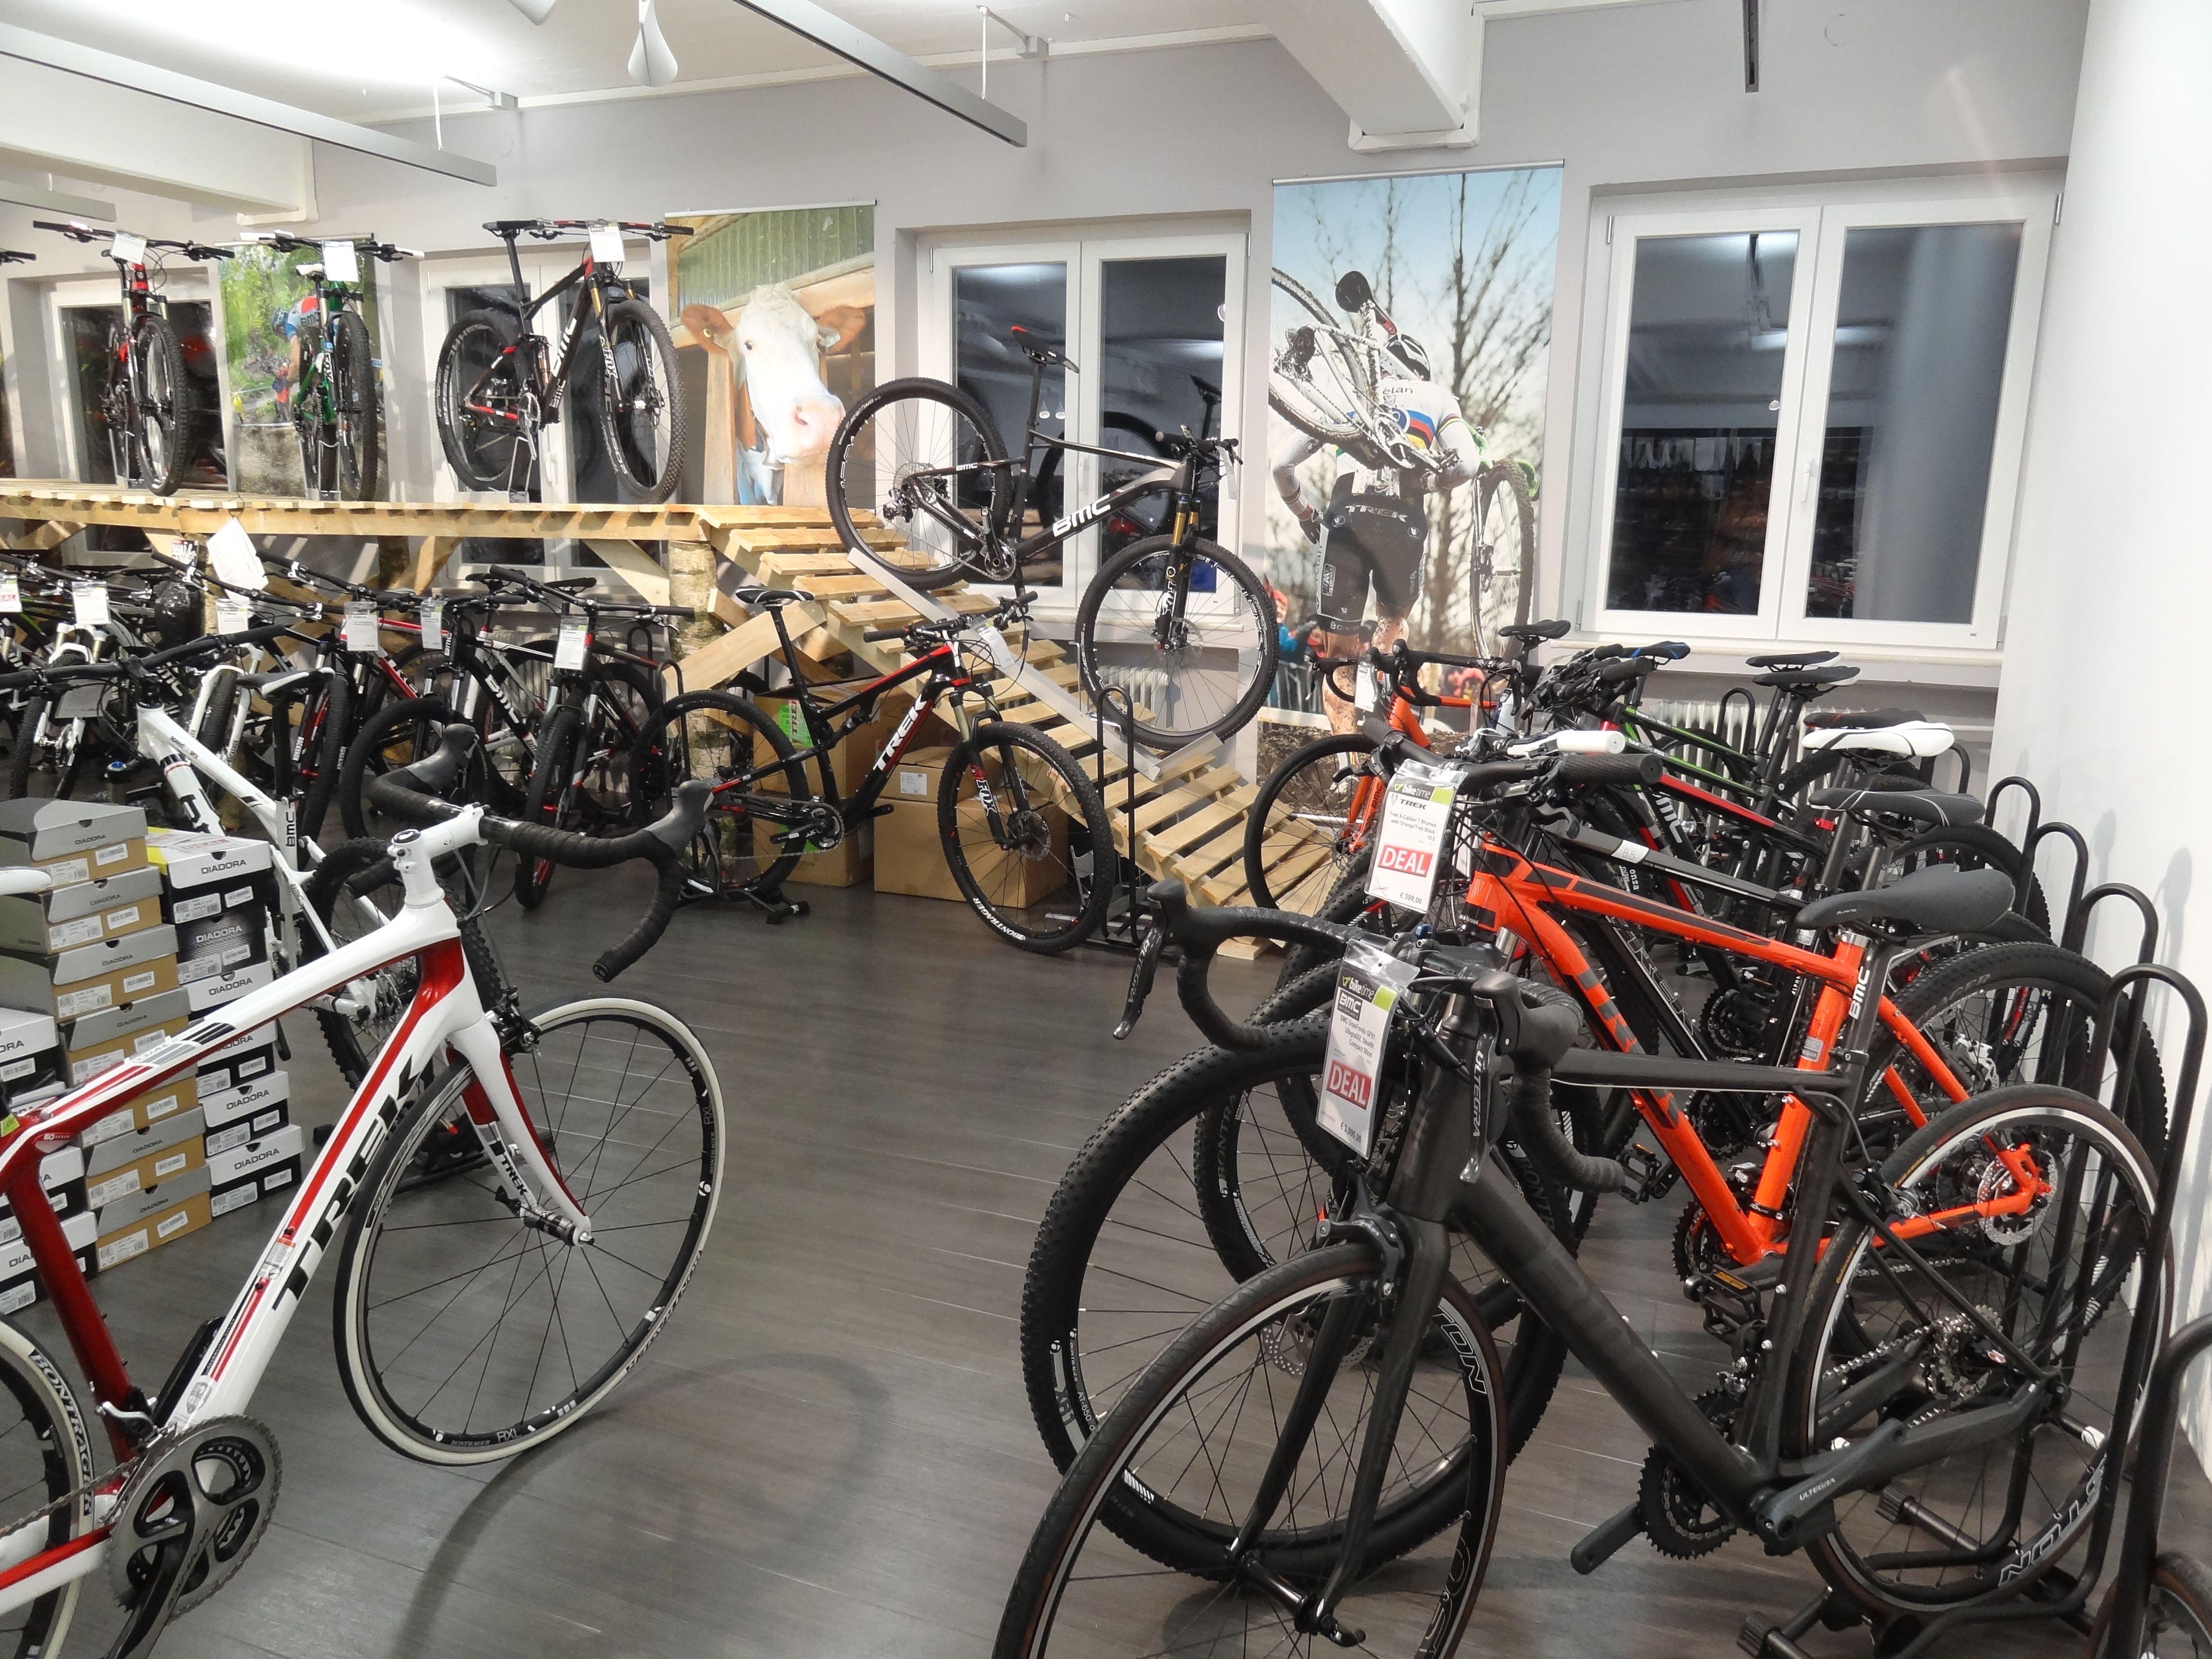 Citybike, Rennrad, Mountainbike, Cruiser oder E-Bike - unser Trail hält für jeden Fahrspaß das passende Bike bereit! Kommt vorbei und überzeugt euch selbst ;-)  mehr Details: www.facebook.com/mybiketime  _____ Hannover, Fahrrad, Fahrräder, Bike